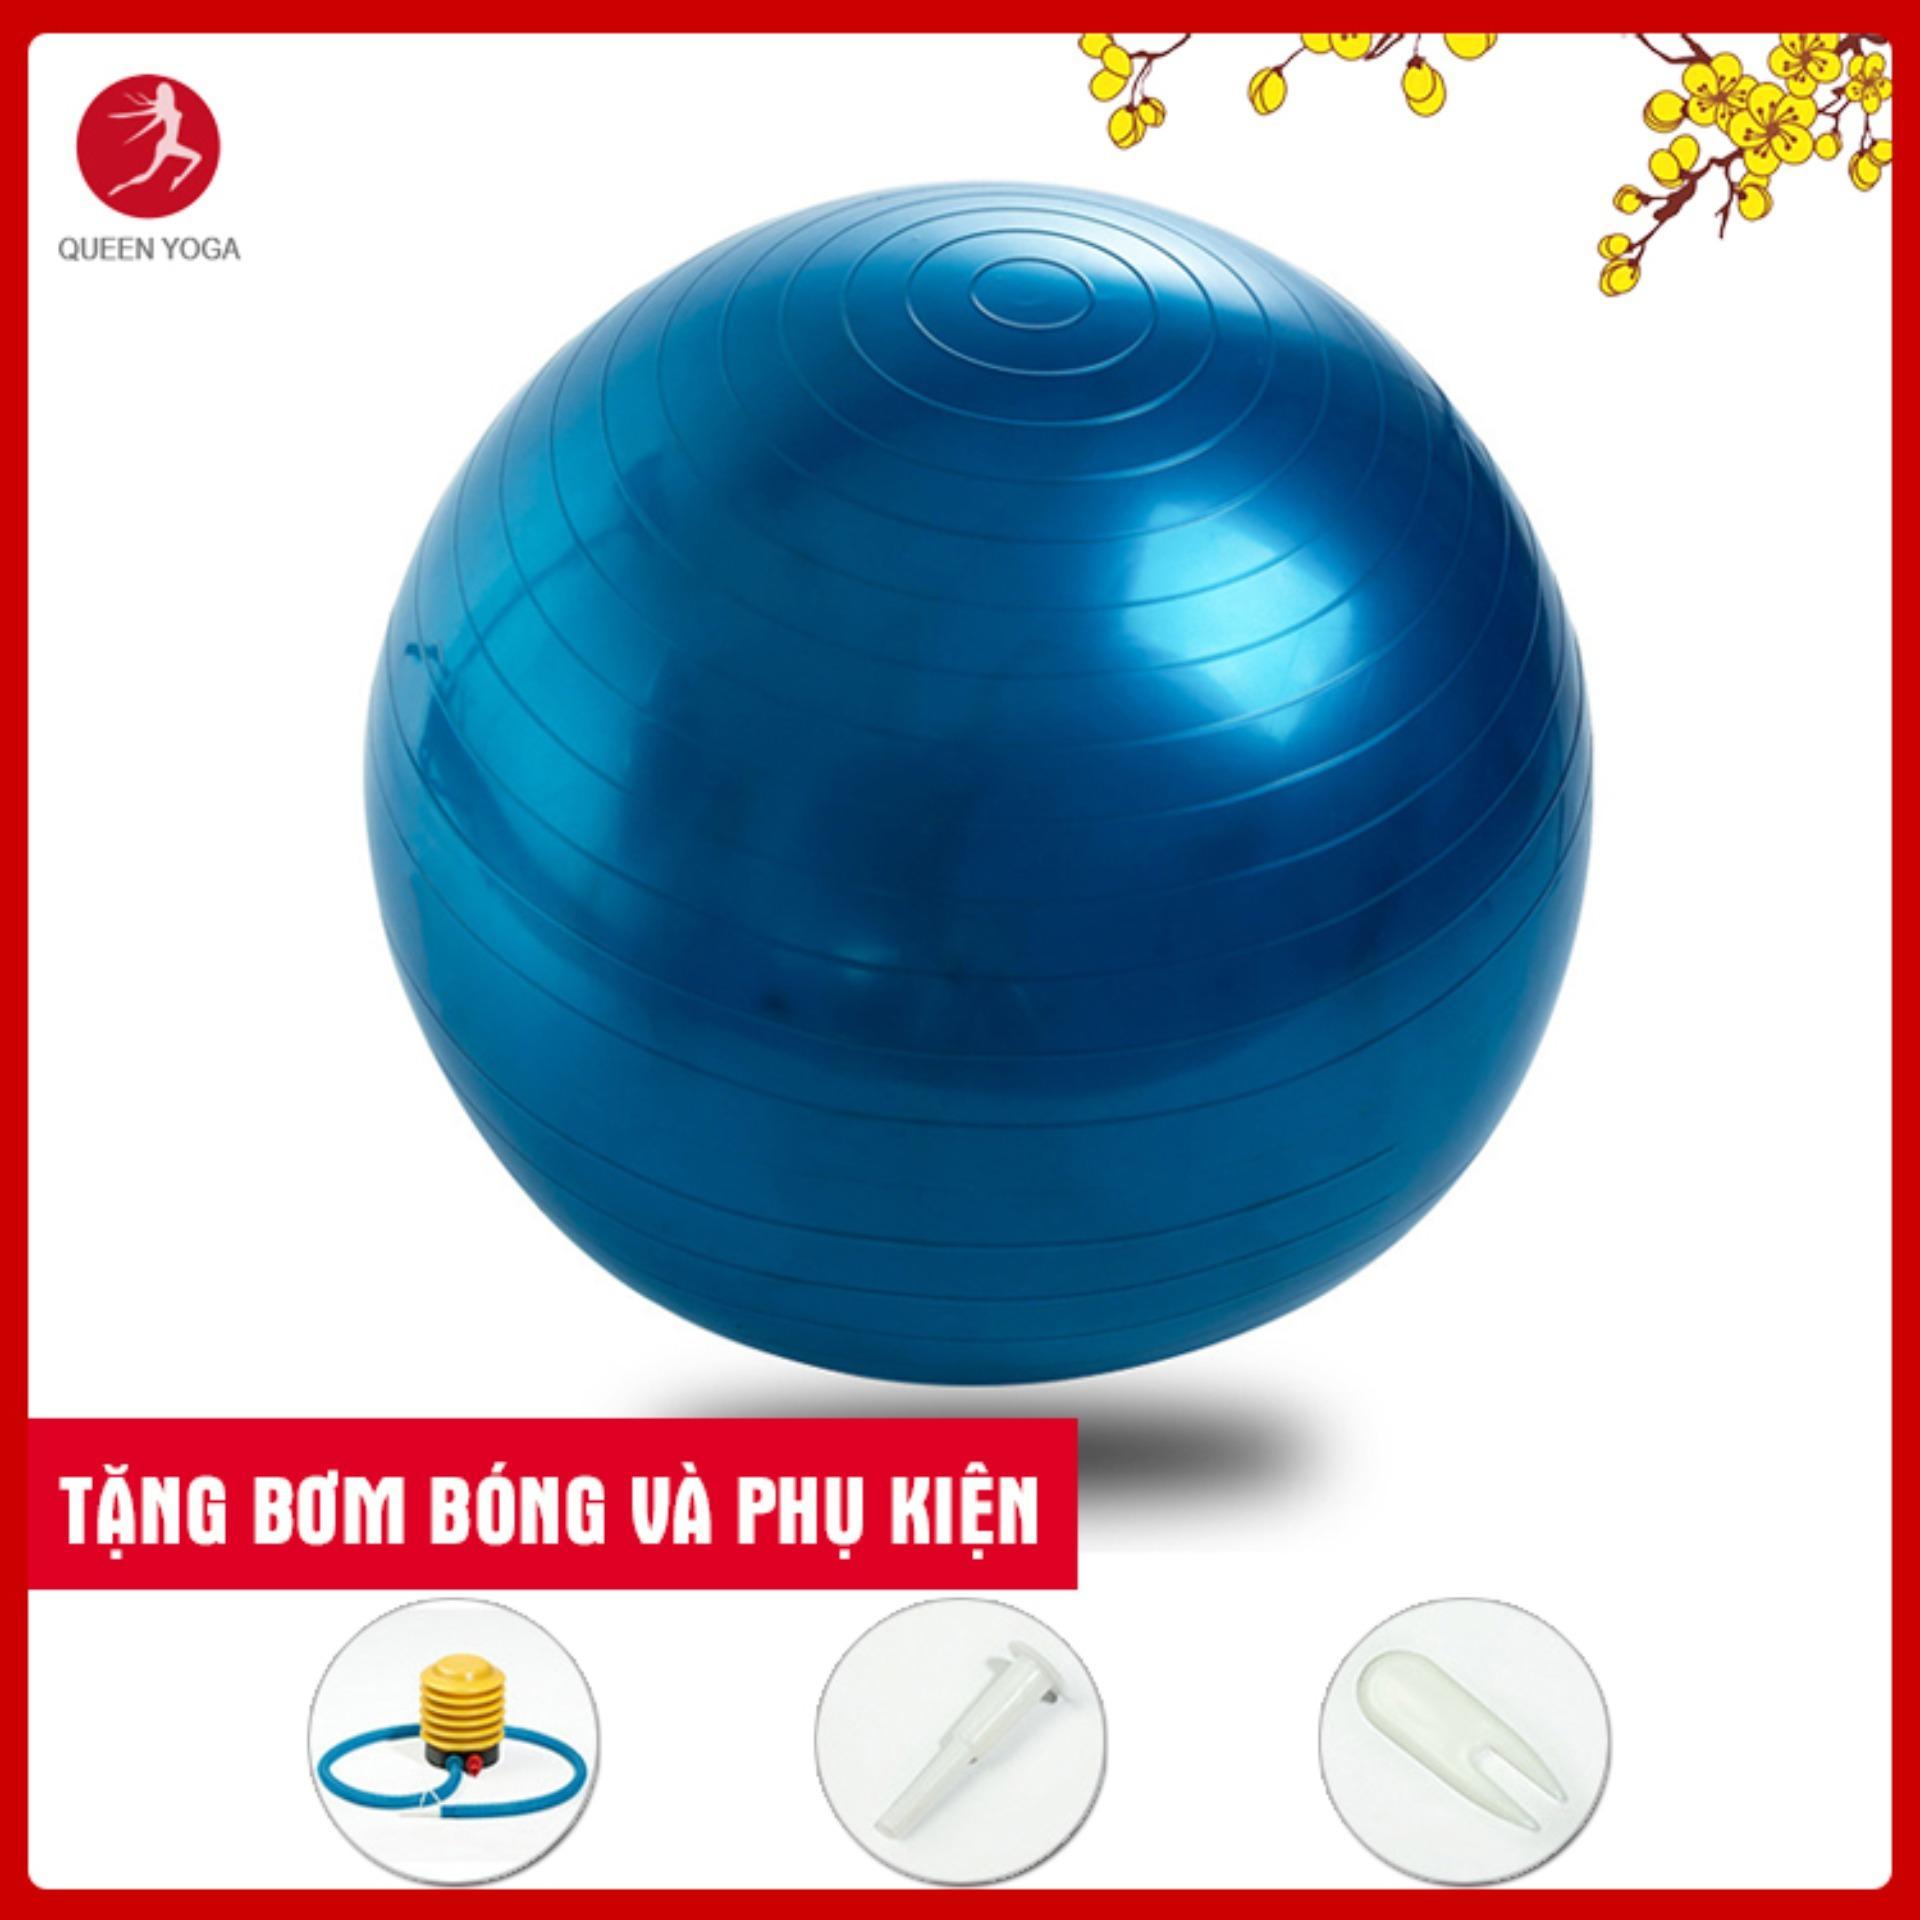 Bóng Tập Yoga Cao Cấp Queen Yoga 65cm Dày 2mm Chống Nổ - Tặng Bơm Bóng Và Phụ Kiện Giá Rẻ Bất Ngờ